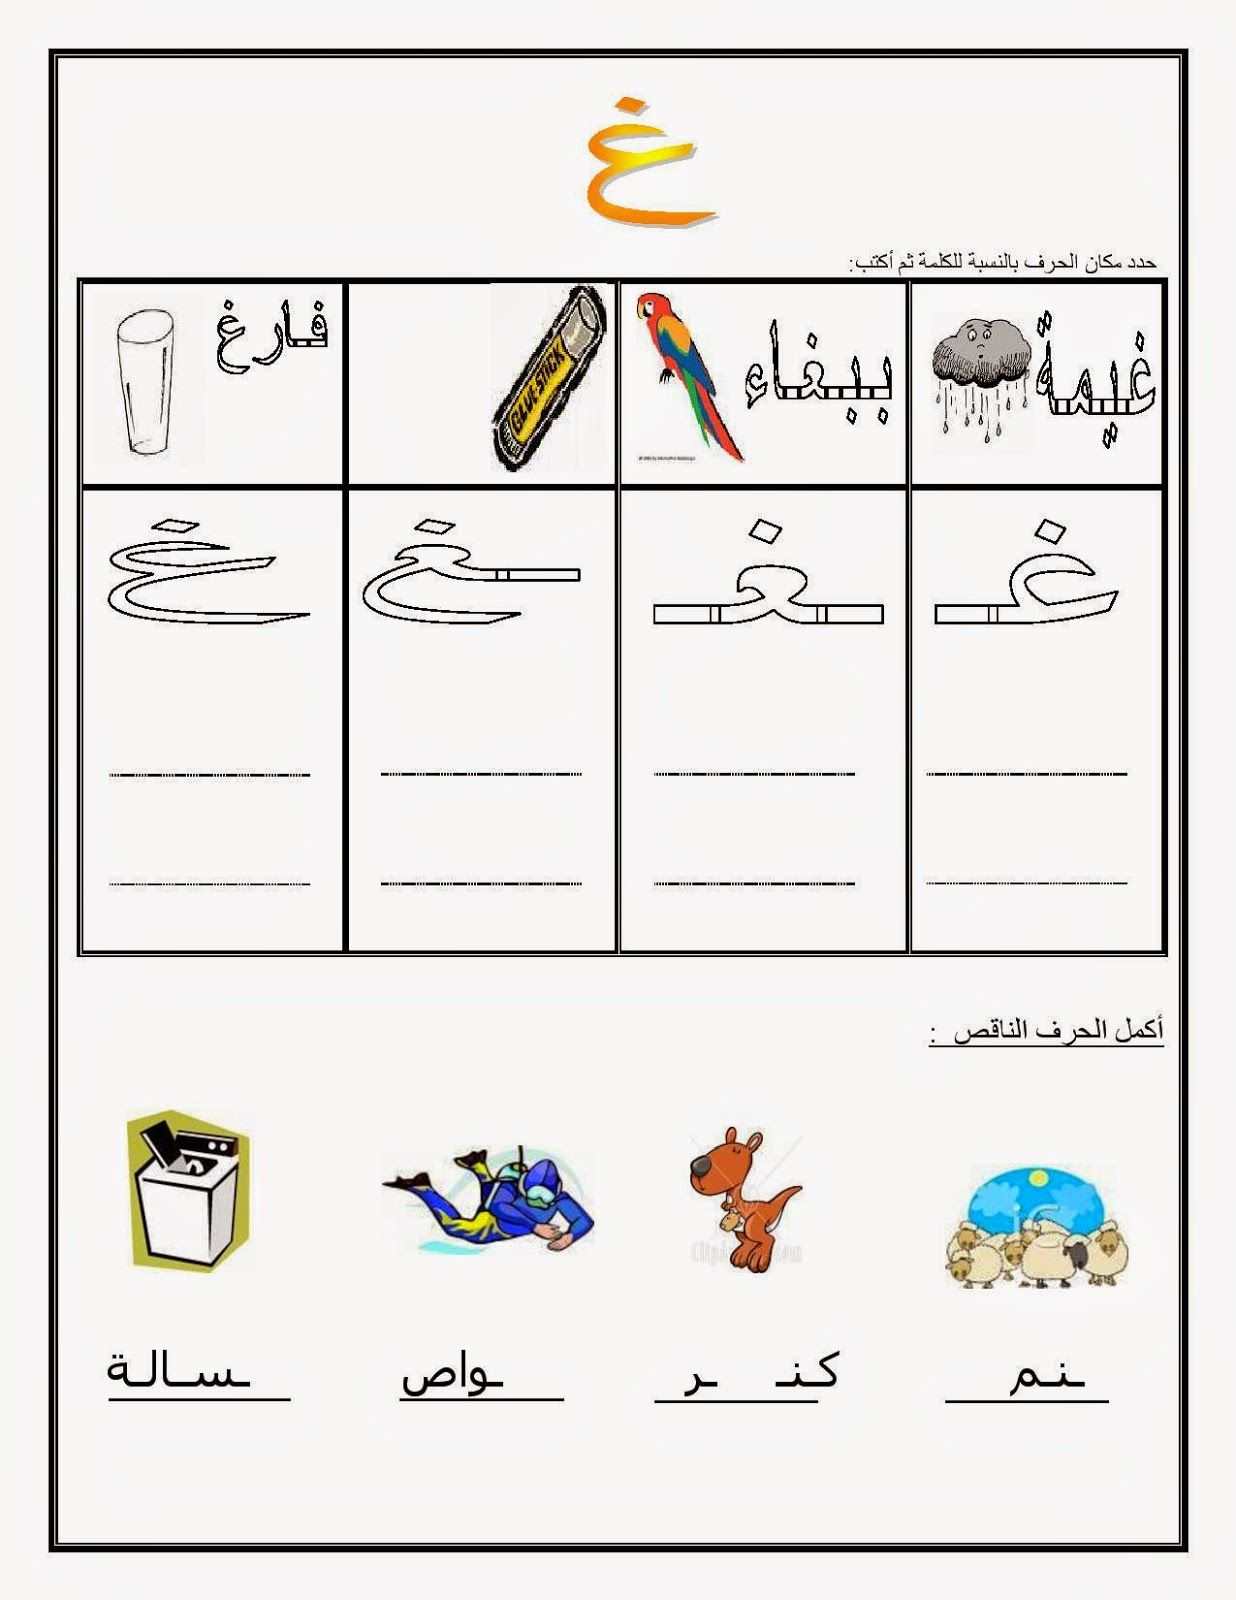 Arbeitsblätter Arabische Buchstaben : روضة العلم للاطفال تعلم تشبيك الحروف arabisch lernen